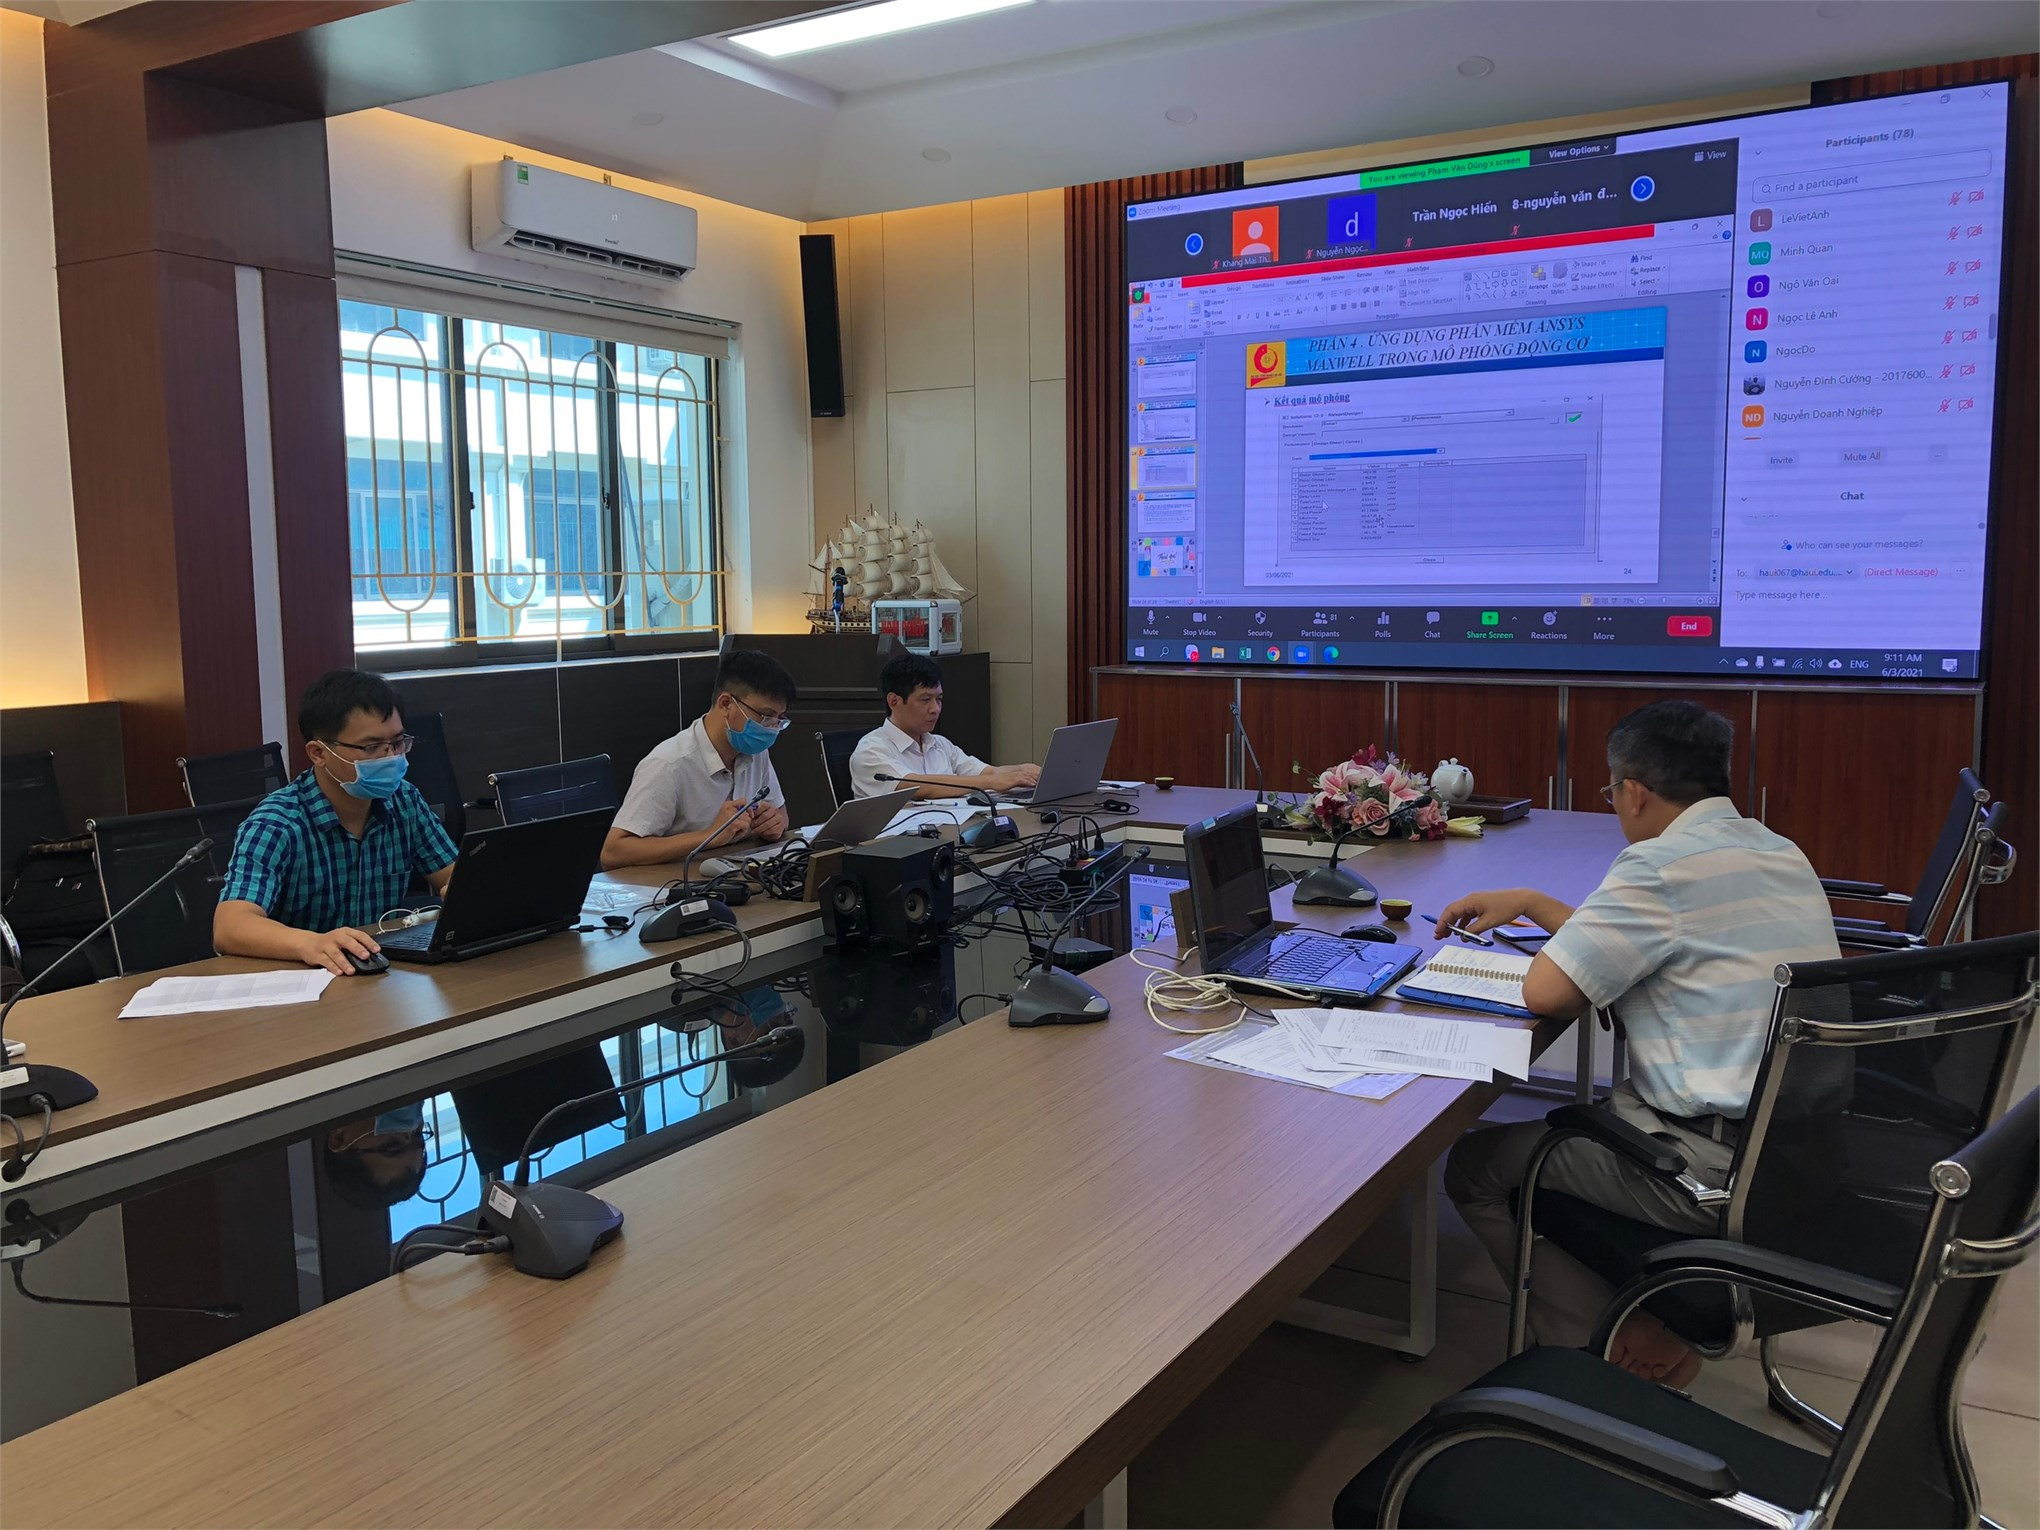 Nghiệm thu đề tài sinh viên NCKH cấp trường năm học 2020-2021 tại Hội đồng chuyên môn ngành Điện